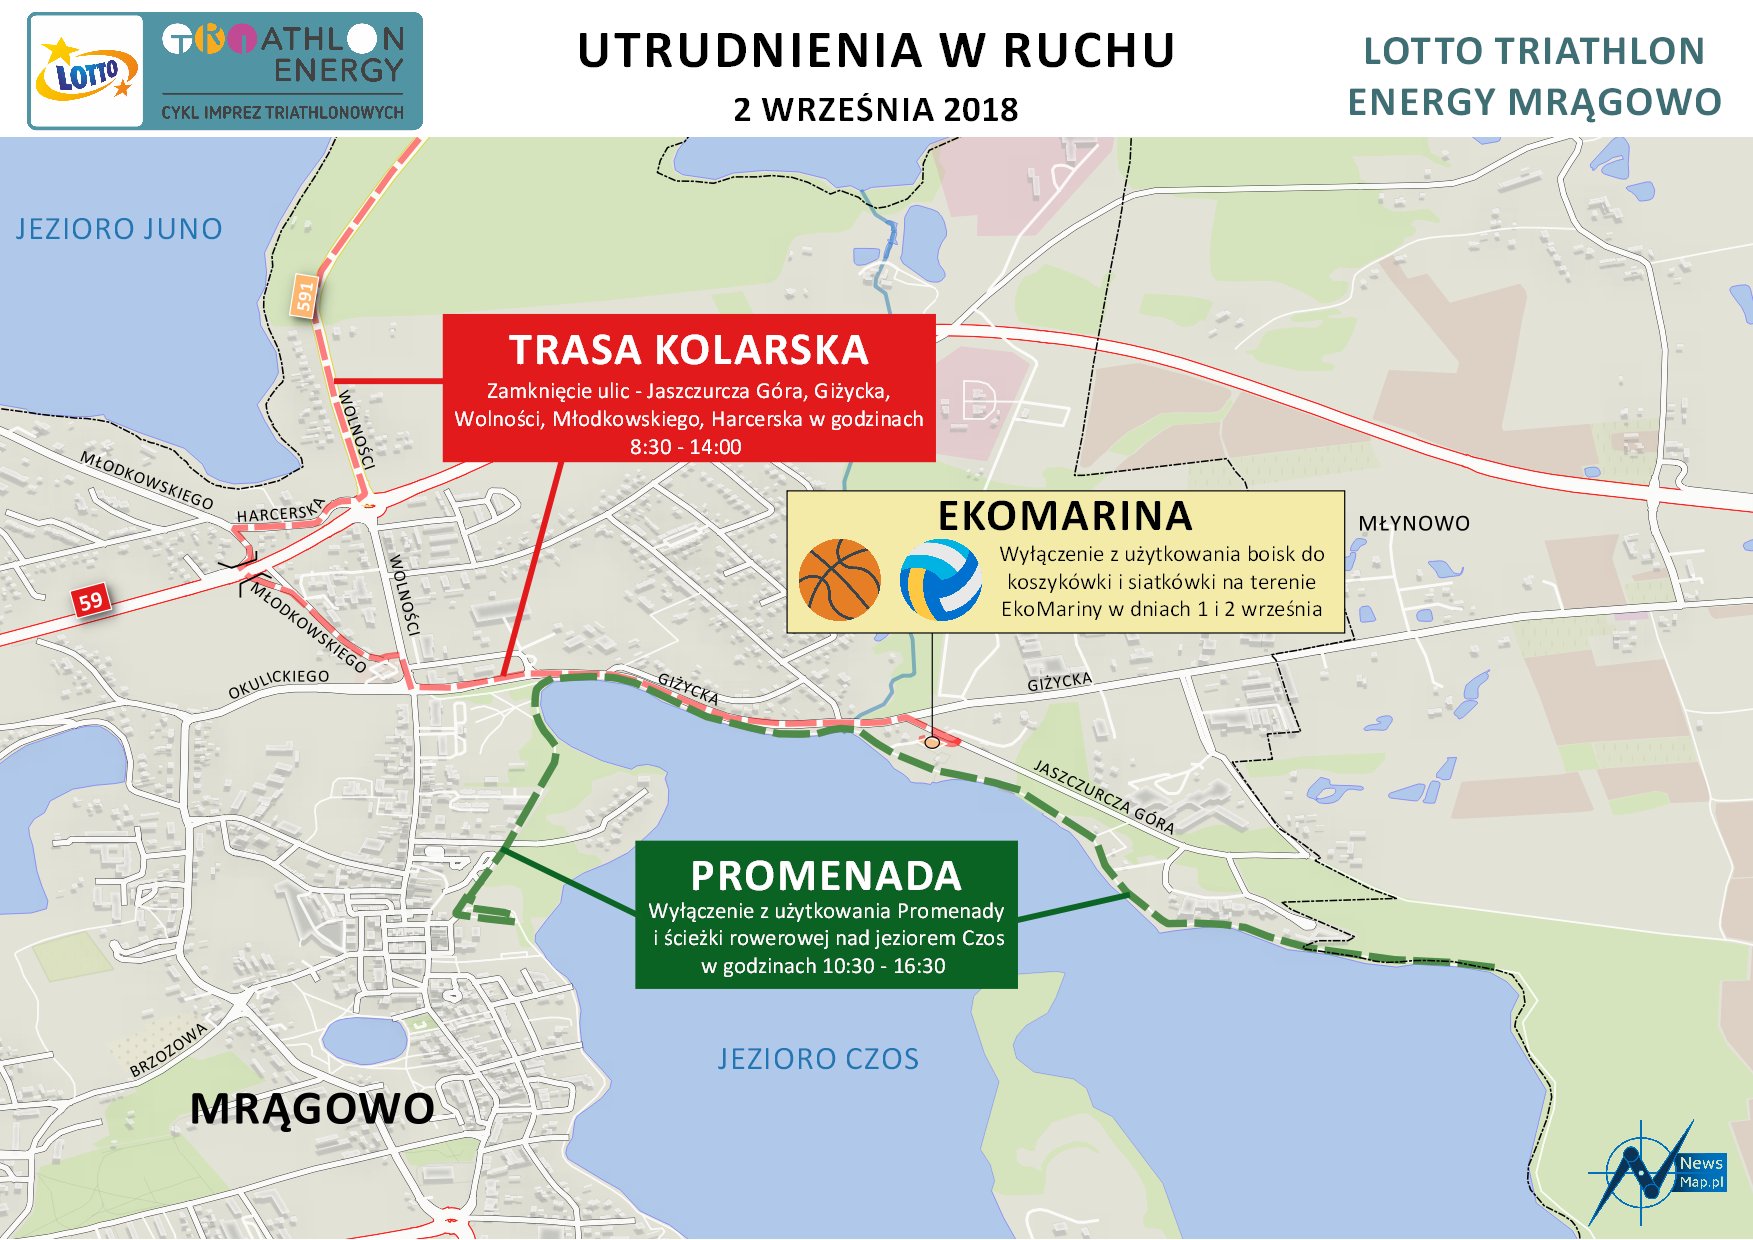 Mapa statyczna utrudnień Mrągowo 2018 (on-line)